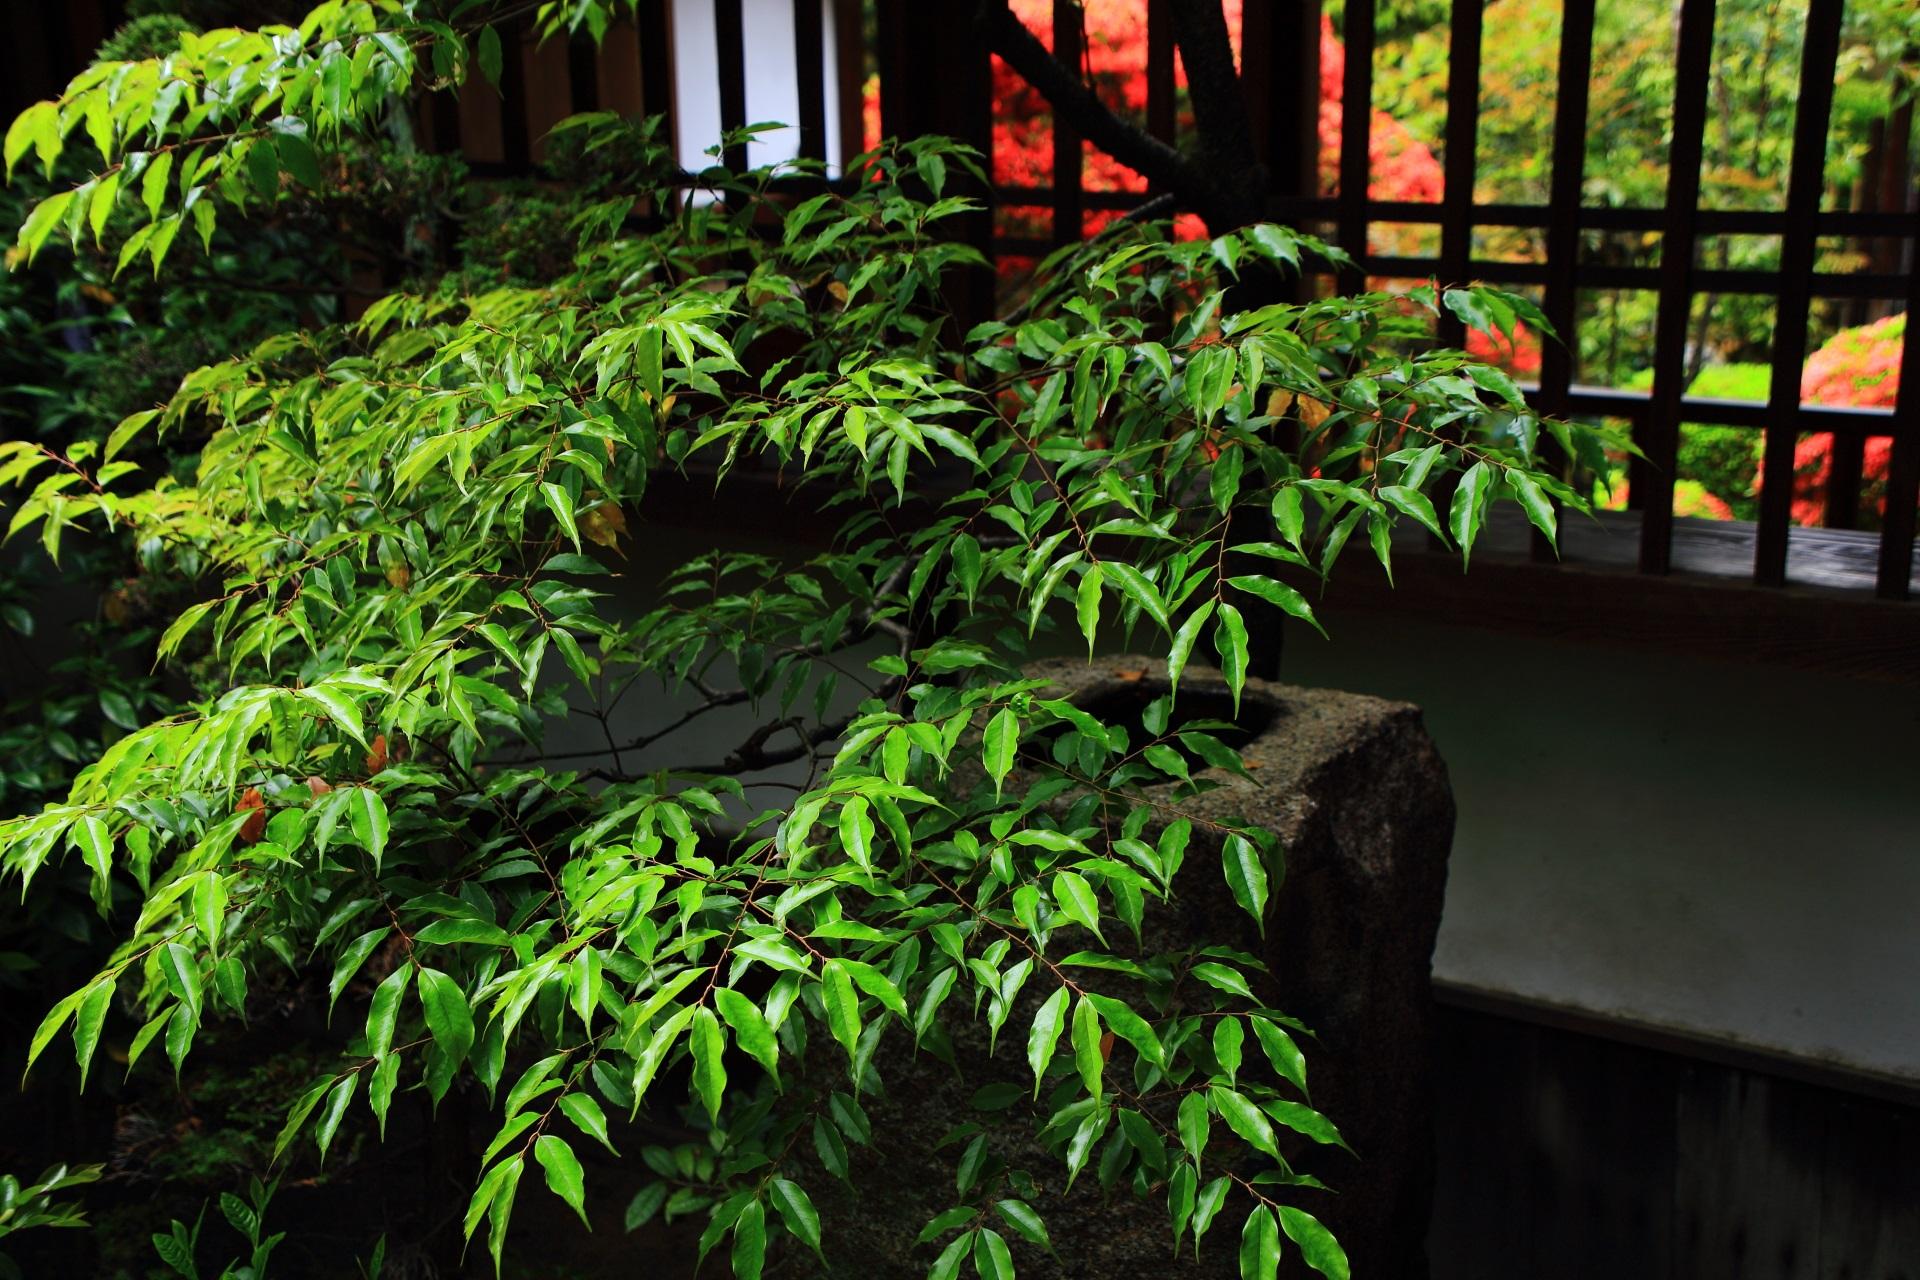 正伝永源院の方丈西側の庭園の赤い躑躅と絶品の緑